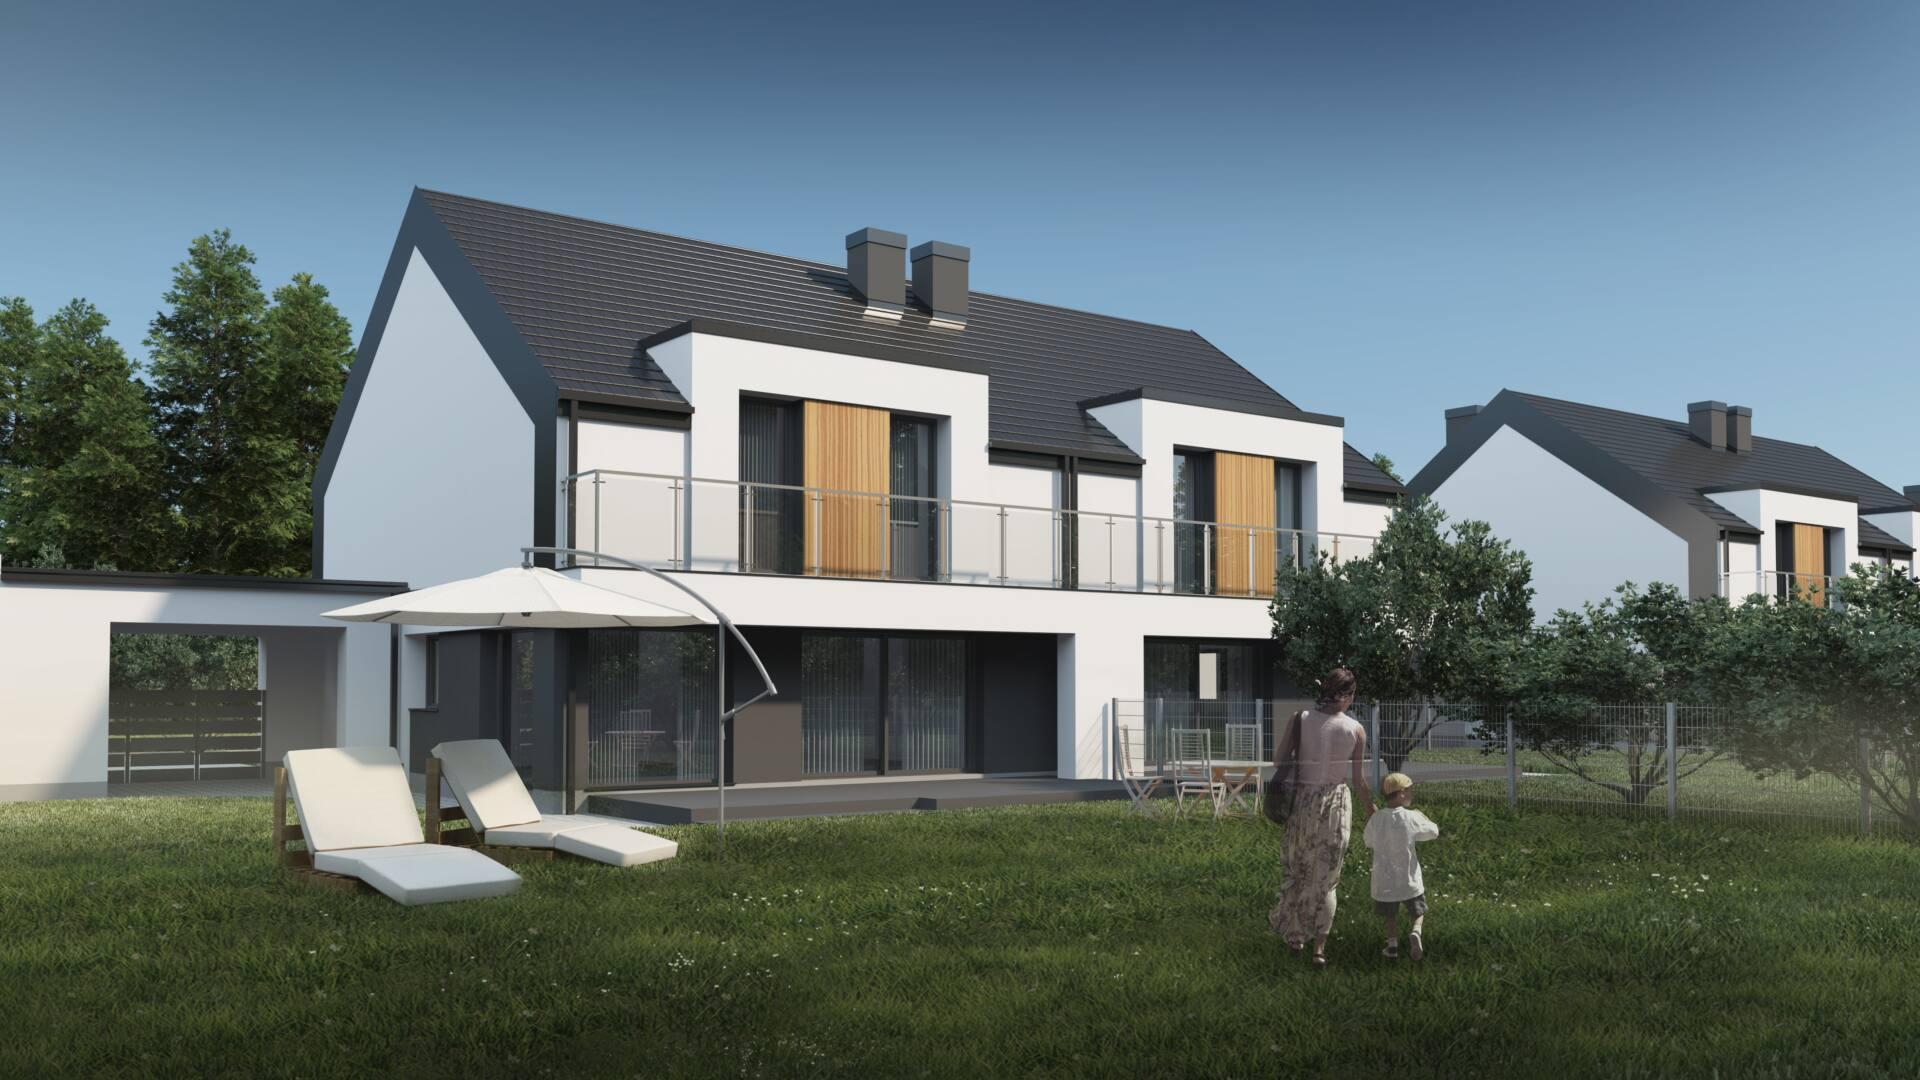 pro c 04 min Zamość: Inteligentne domy w sprzedaży (zdjęcia)